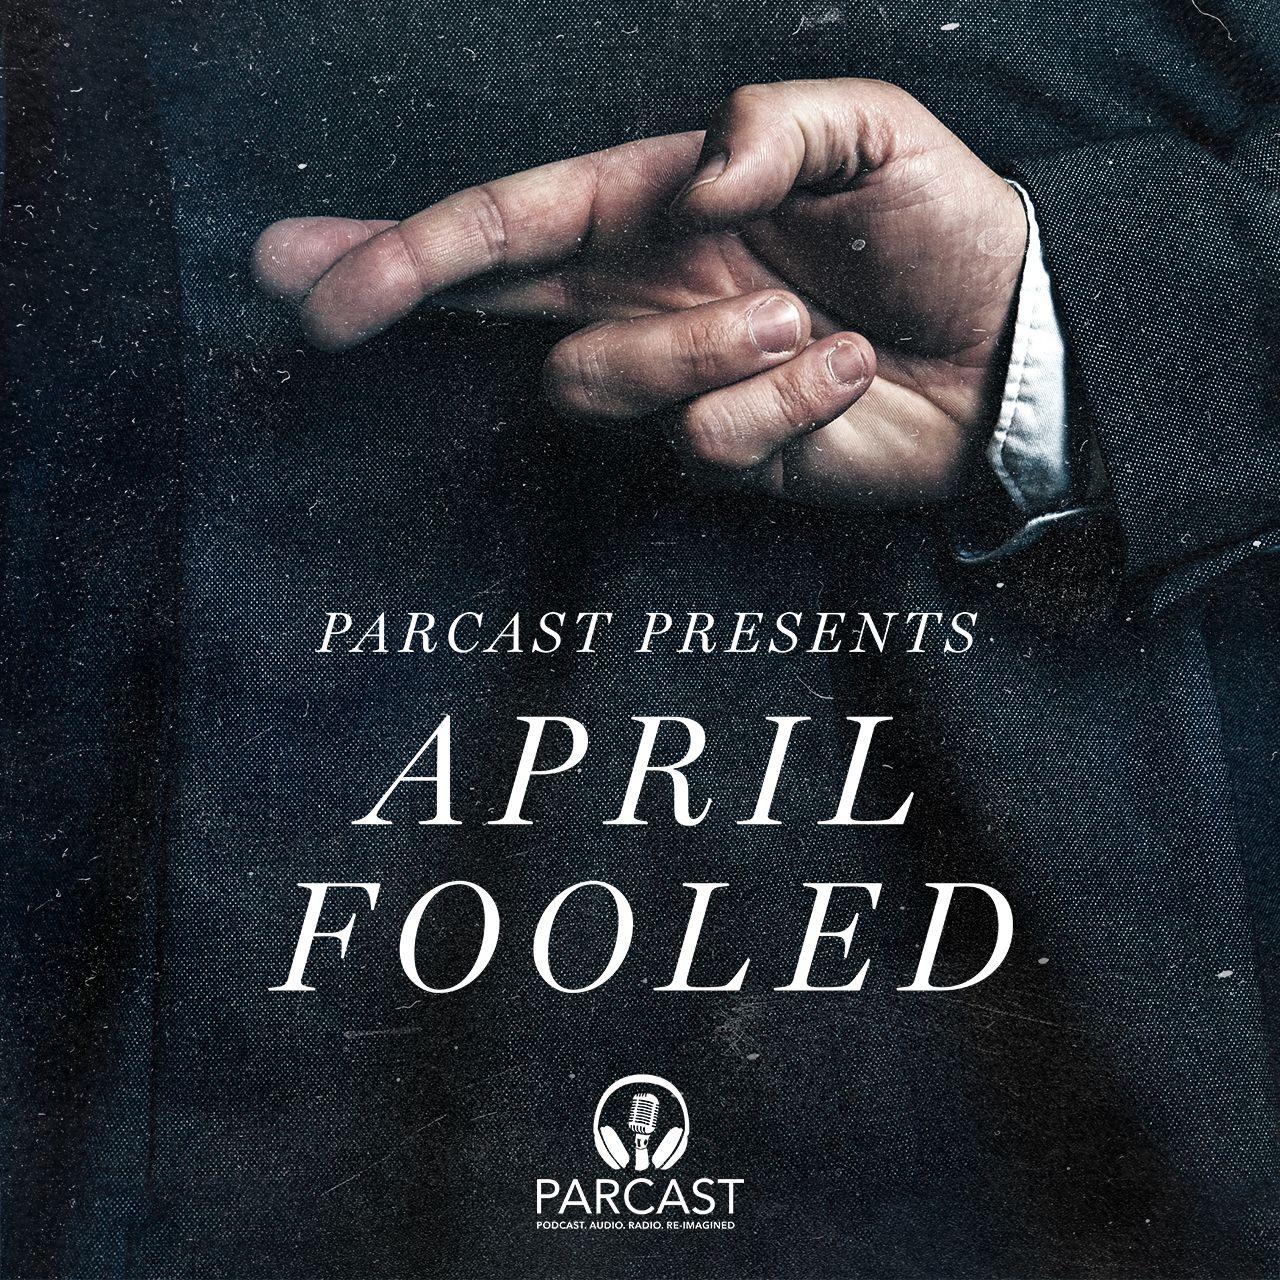 Parcast Presents: April Fooled